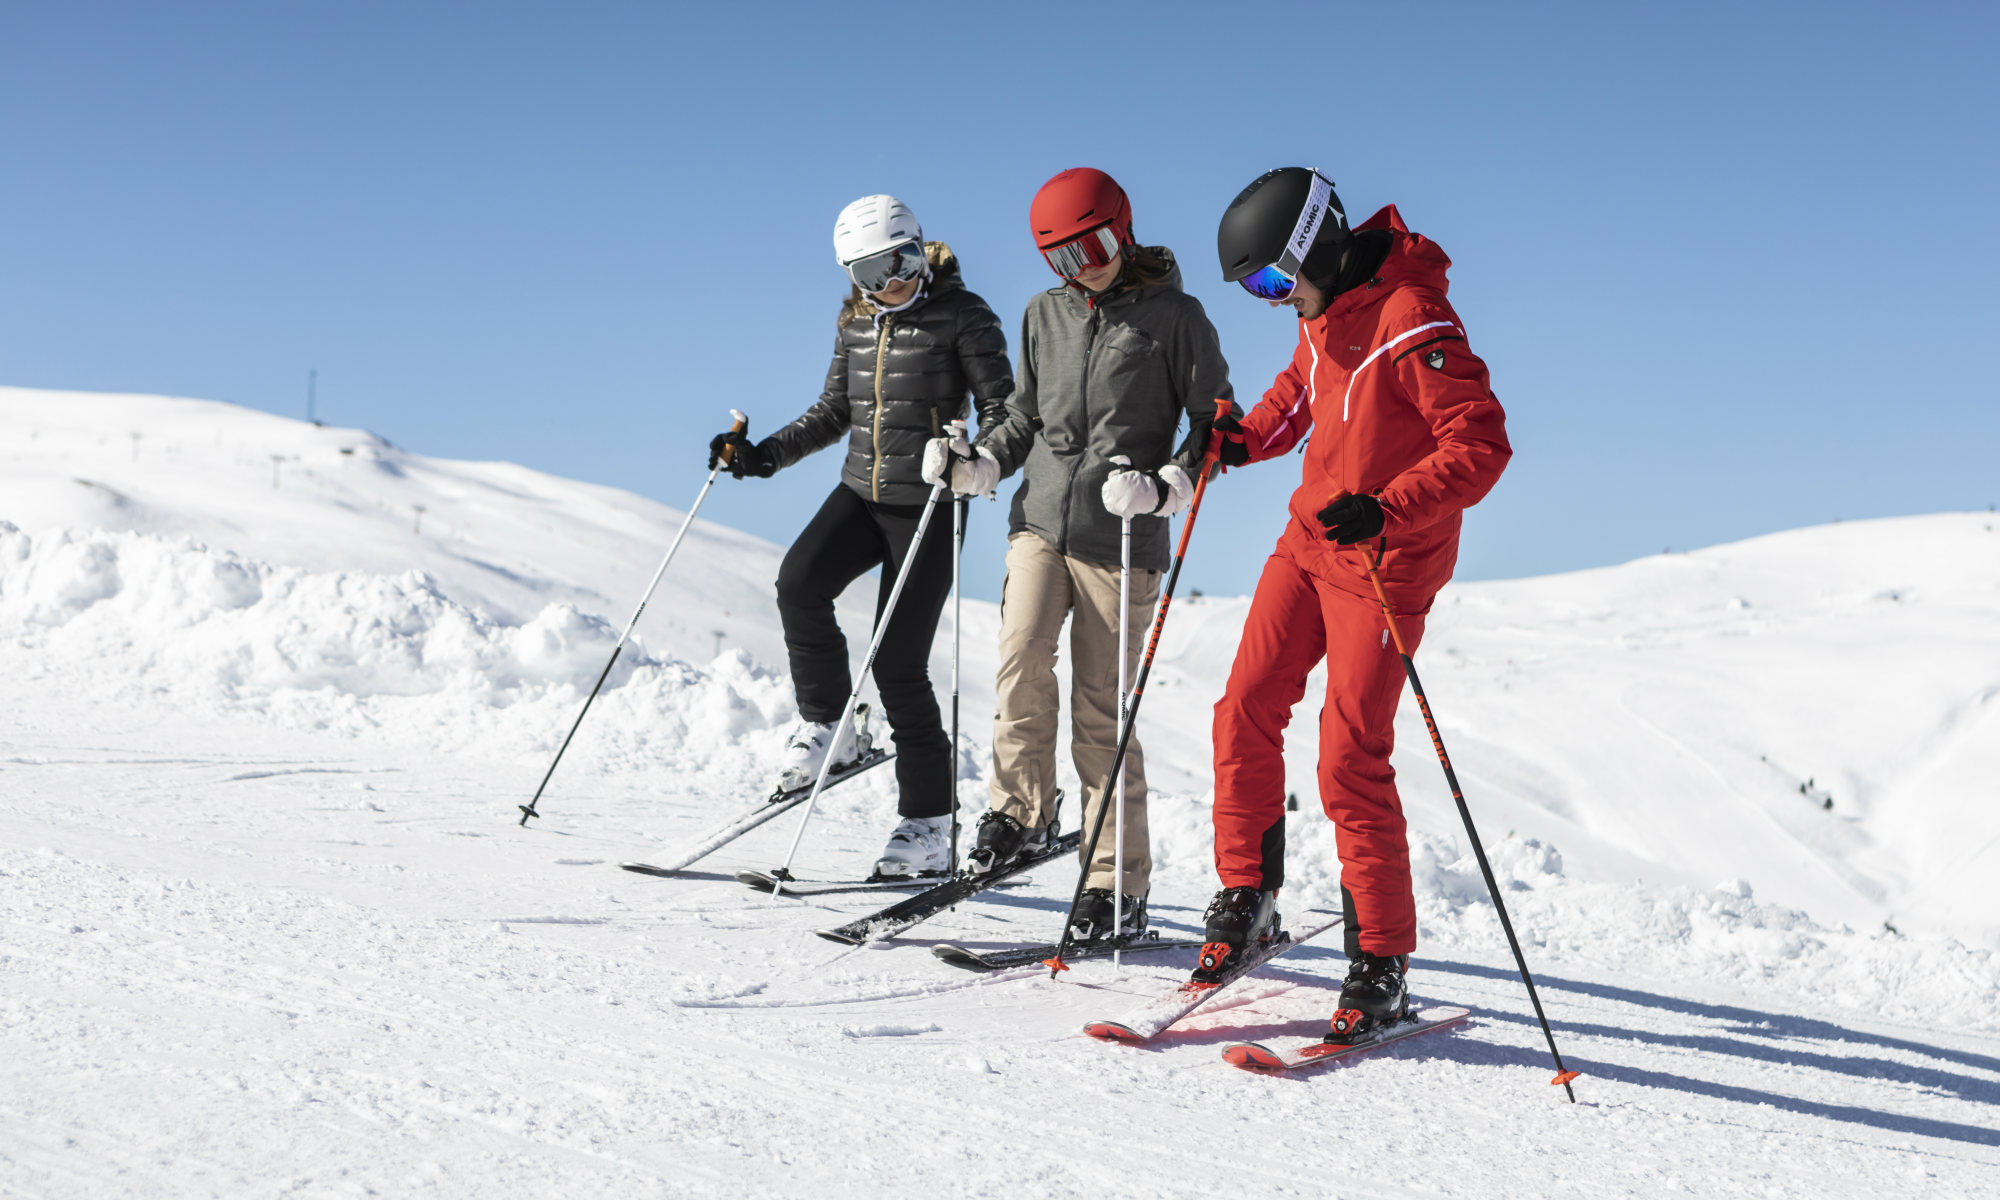 Un maestro di sci insegna a due allievi come posizionare gli sci sulle piste di Madonna di Campiglio.